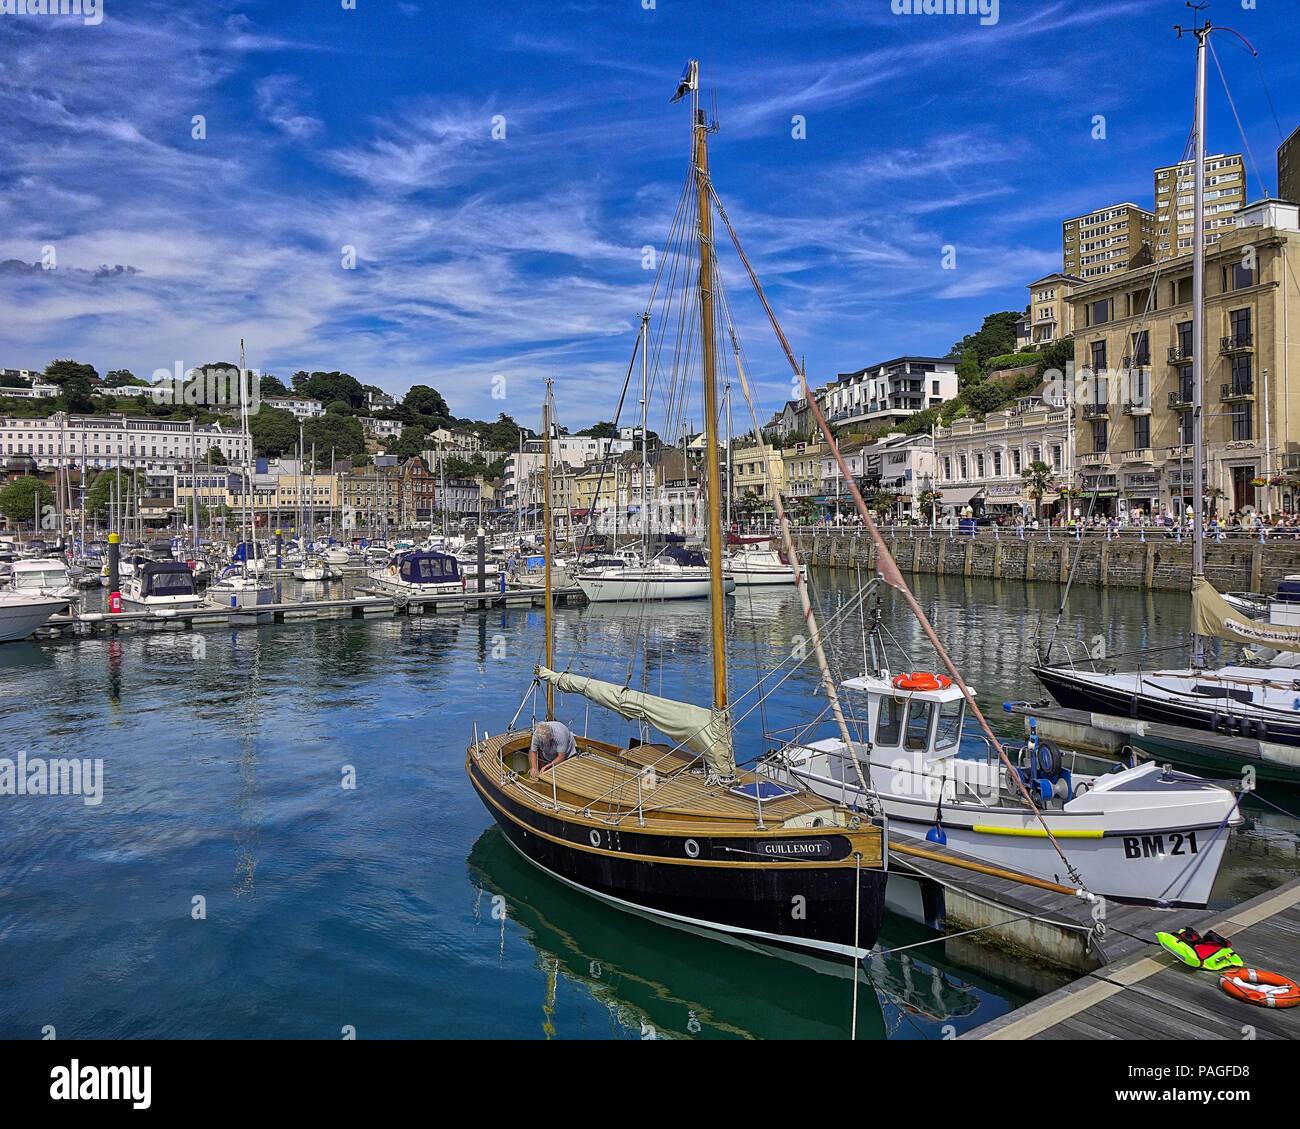 GB - DEVON: el concurrido puerto interior en Torquay (imagen HDR) Imagen De Stock